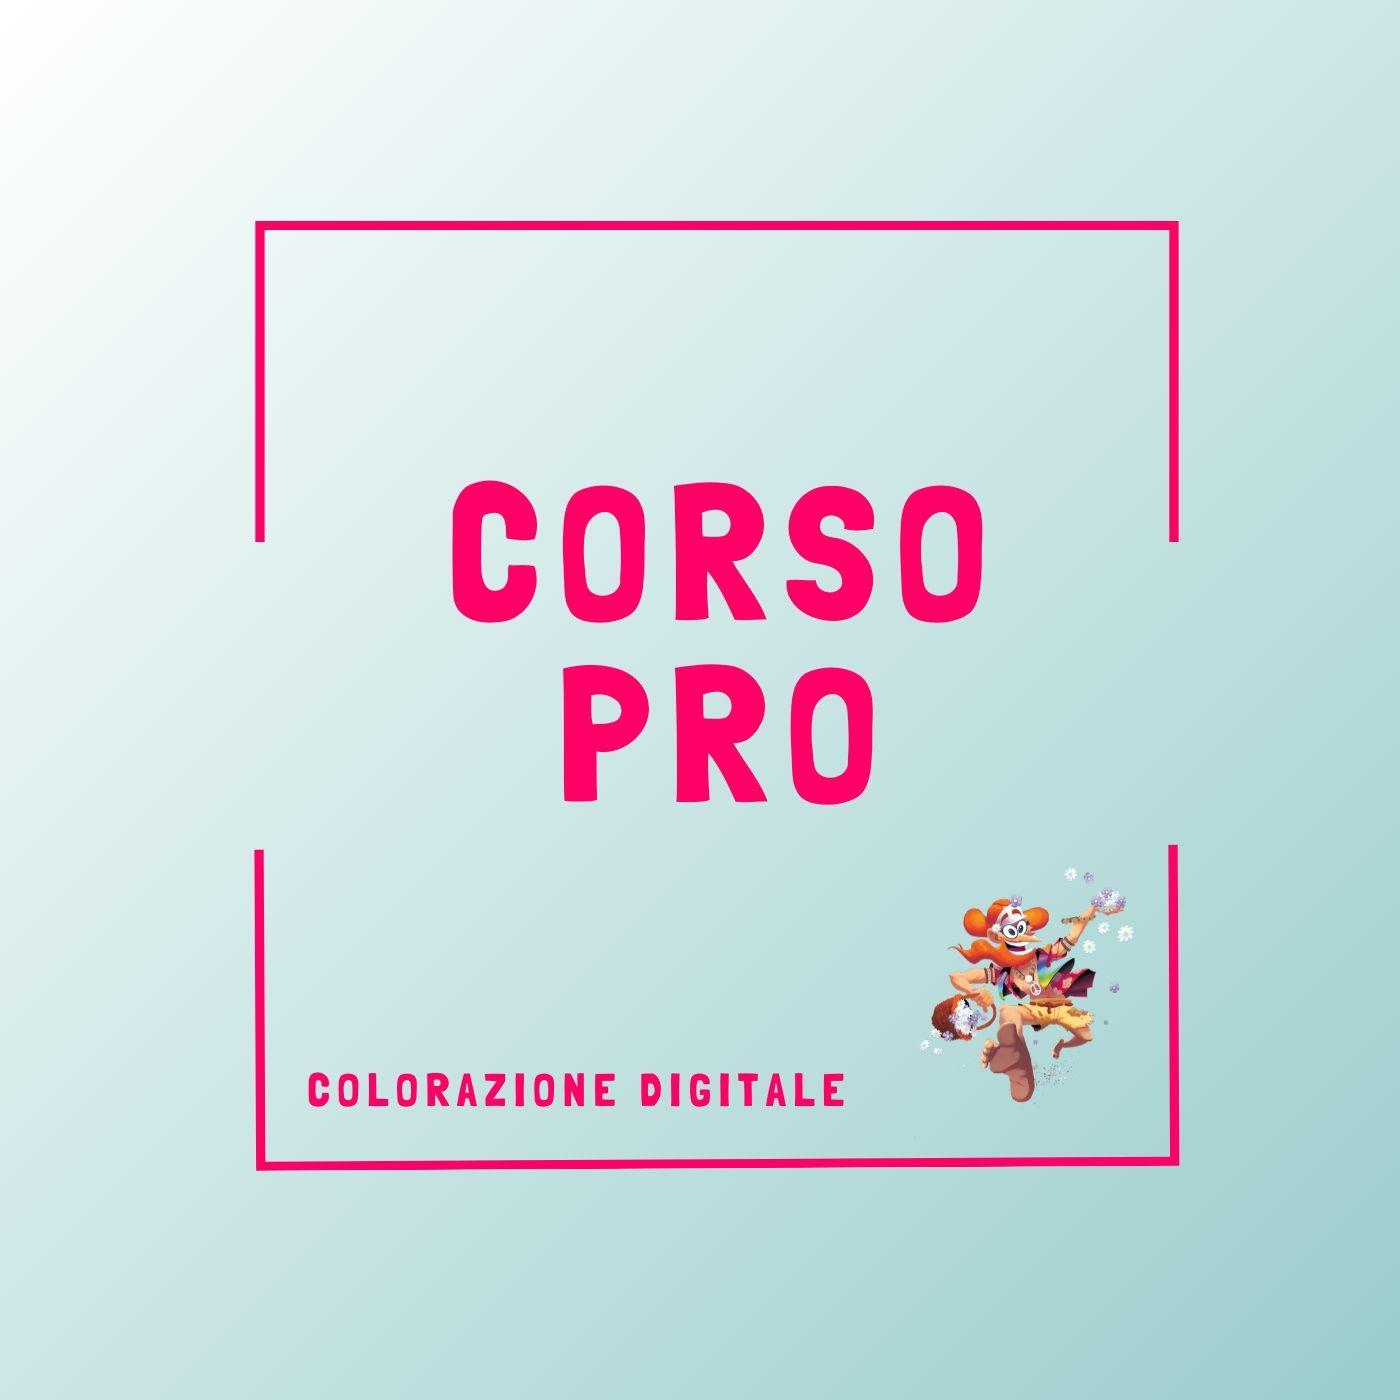 Corso Pro di Colorazione Digitale